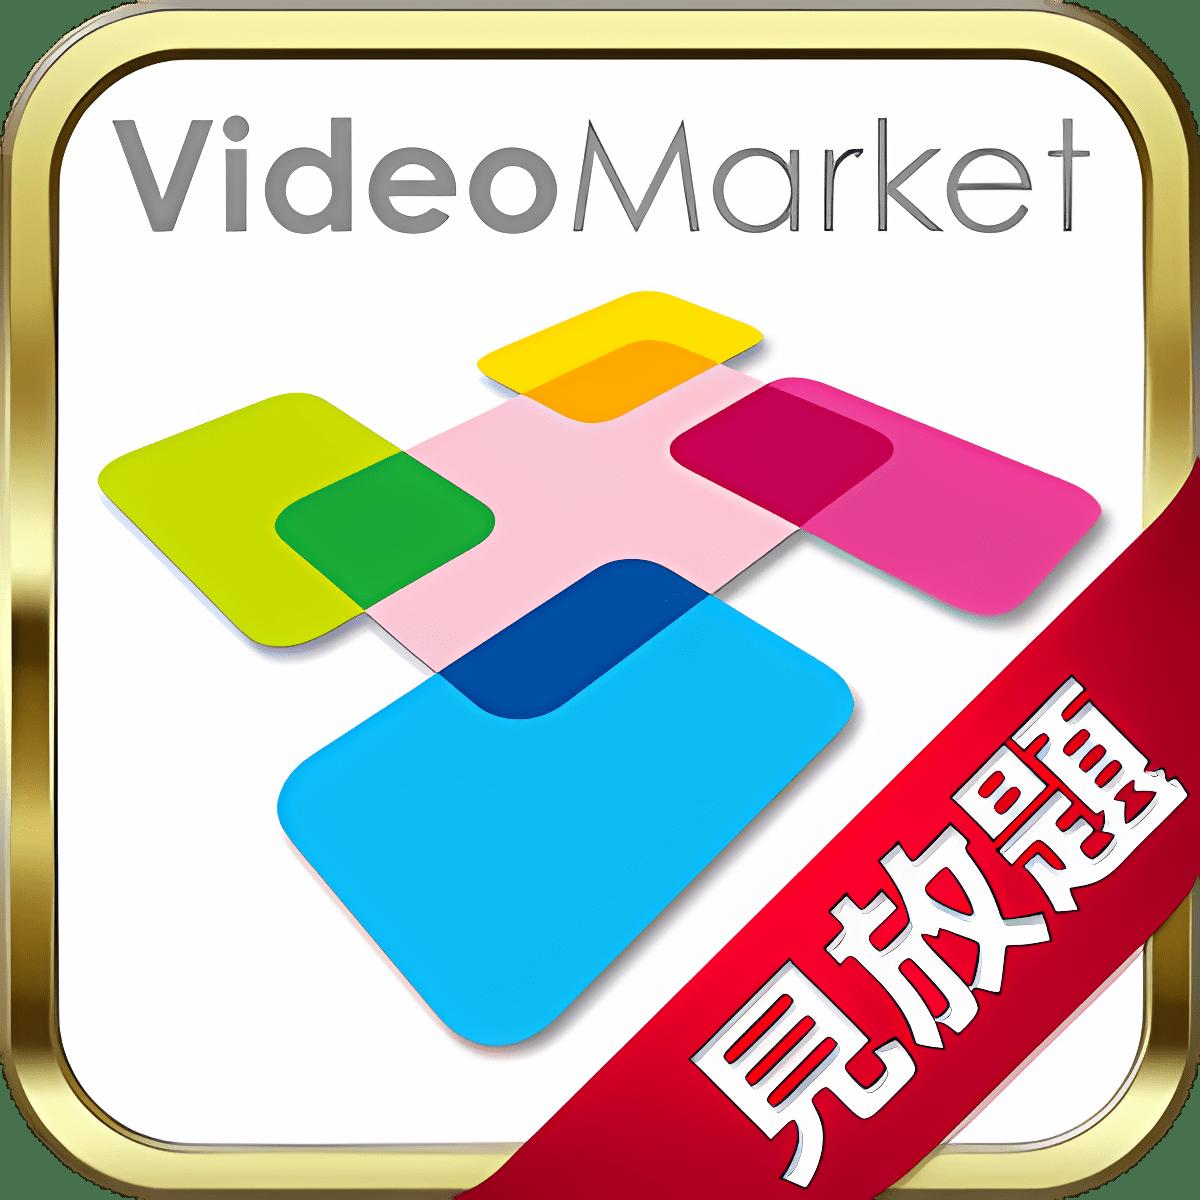 ビデオマーケット 動画見放題 Chromecast対応版